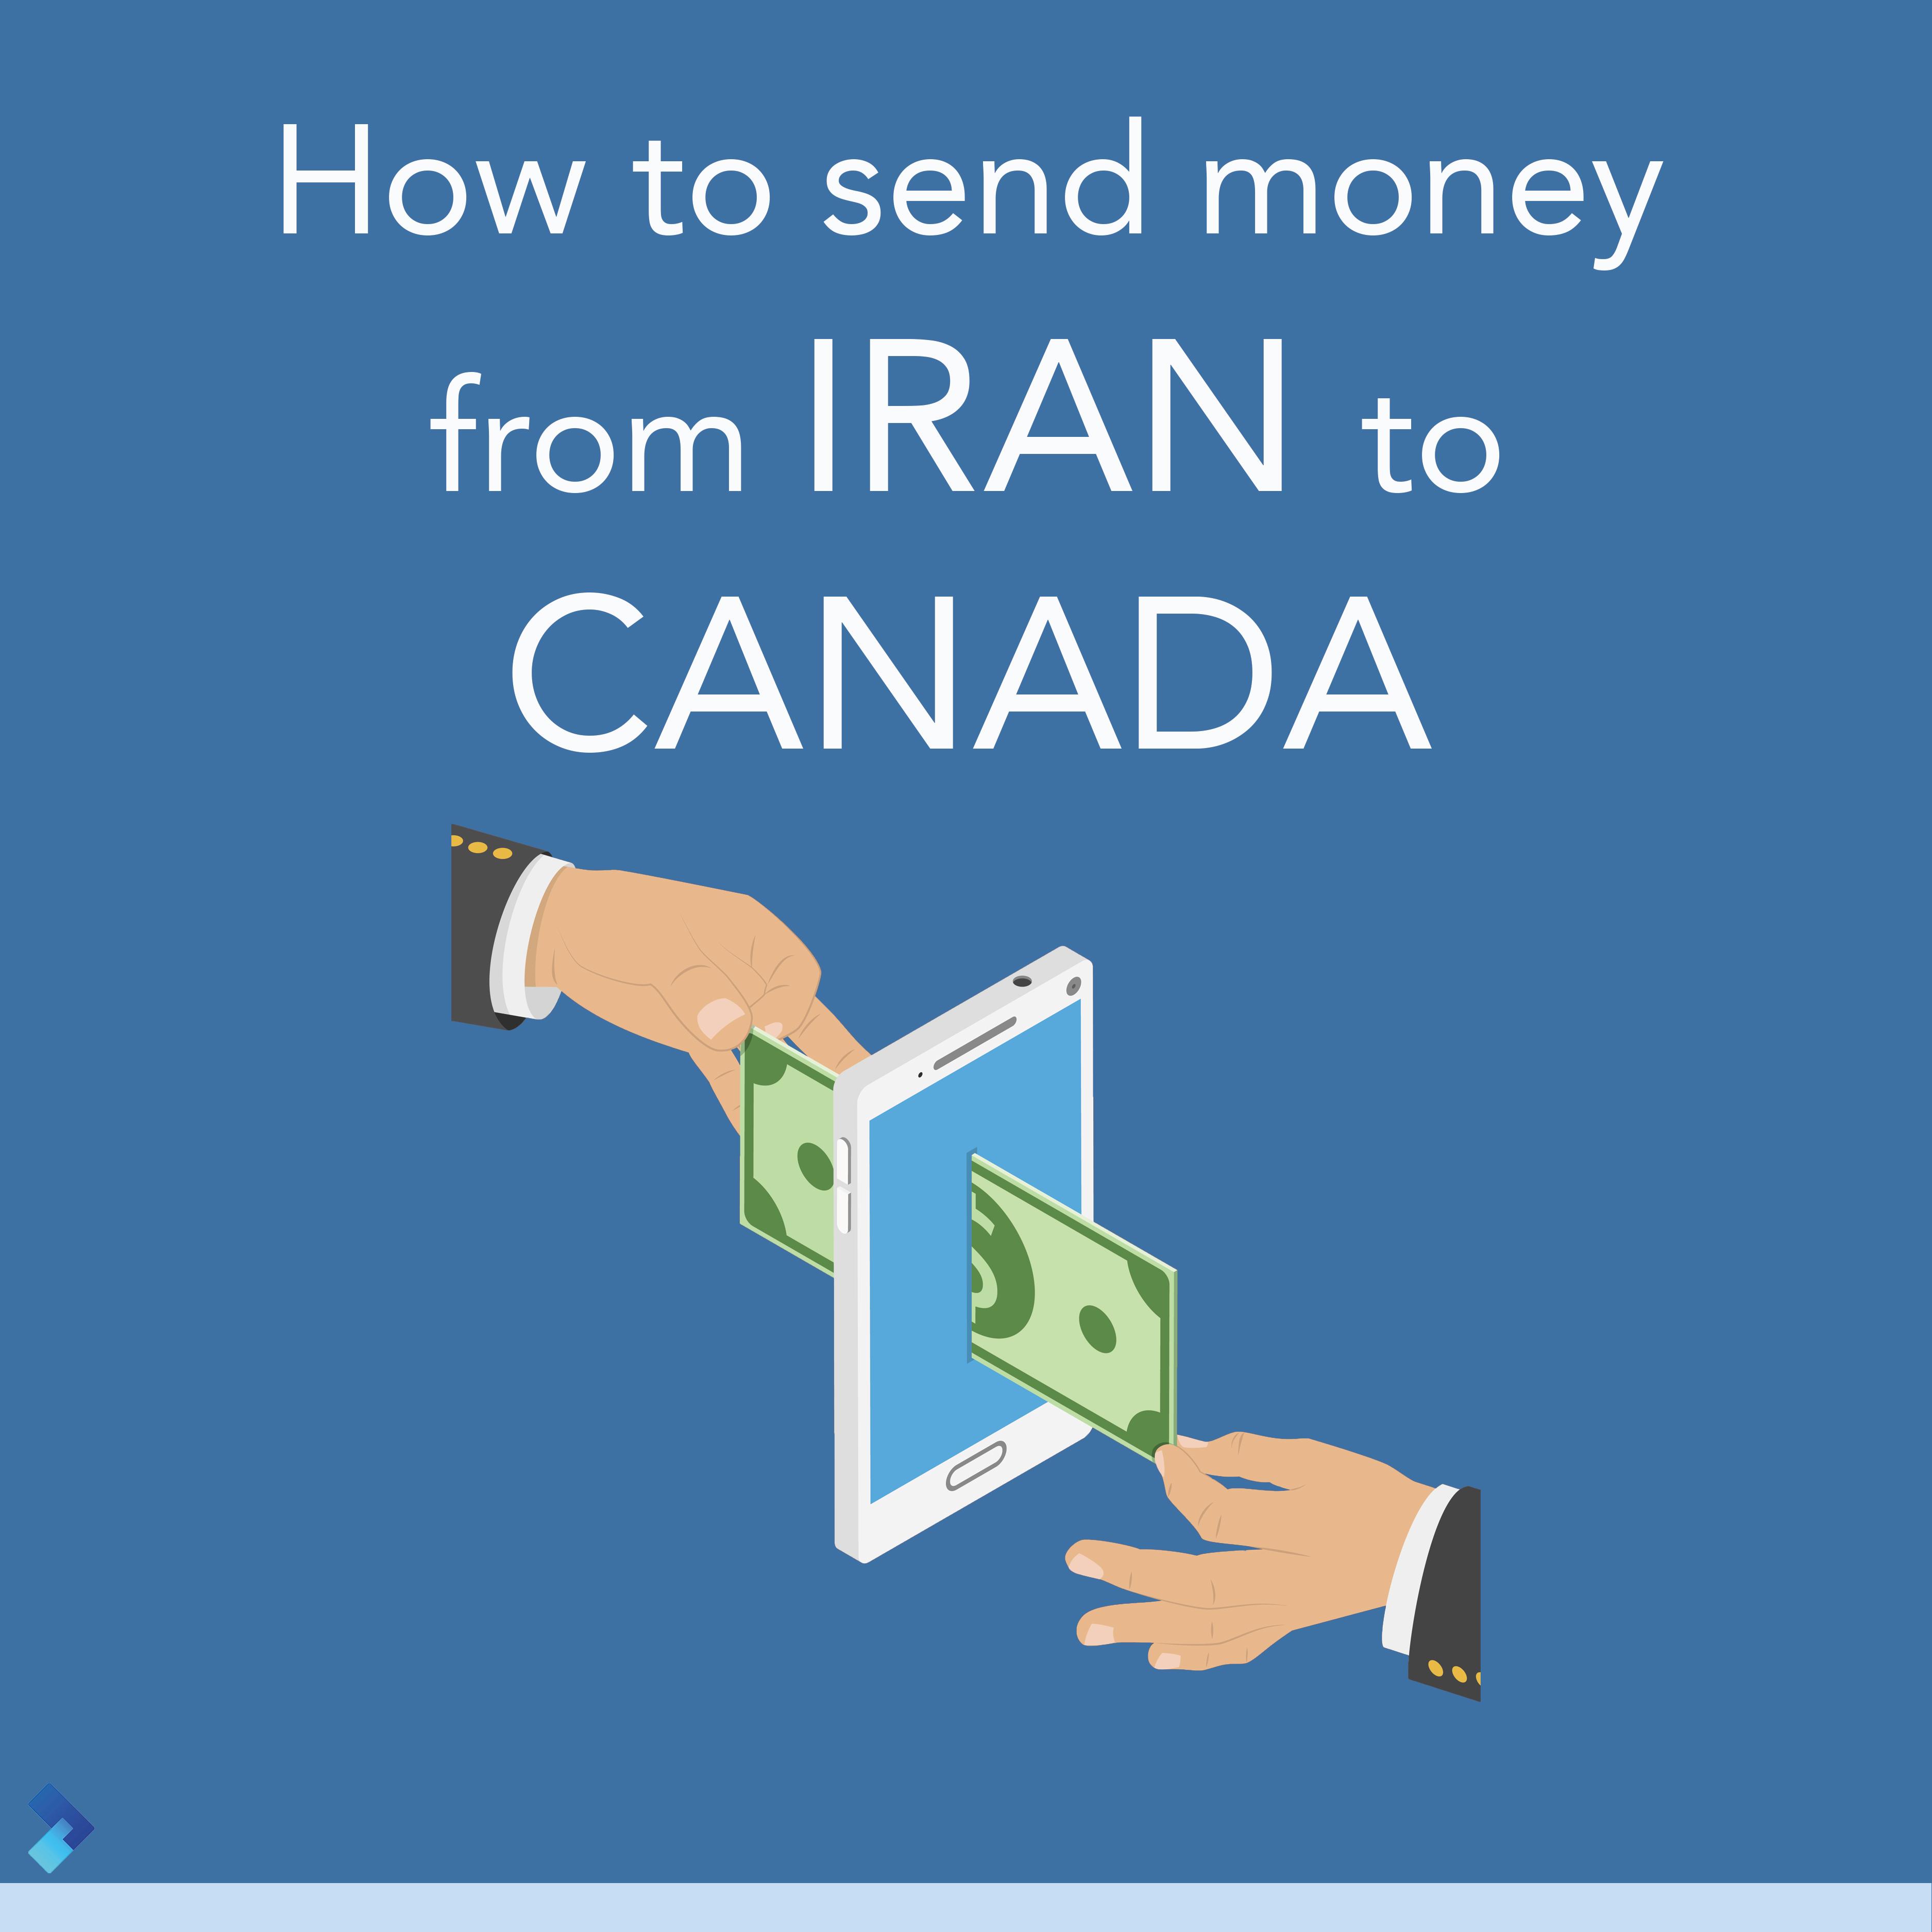 چگونه می توانید از ایران پول به کانادا بفرستید؟